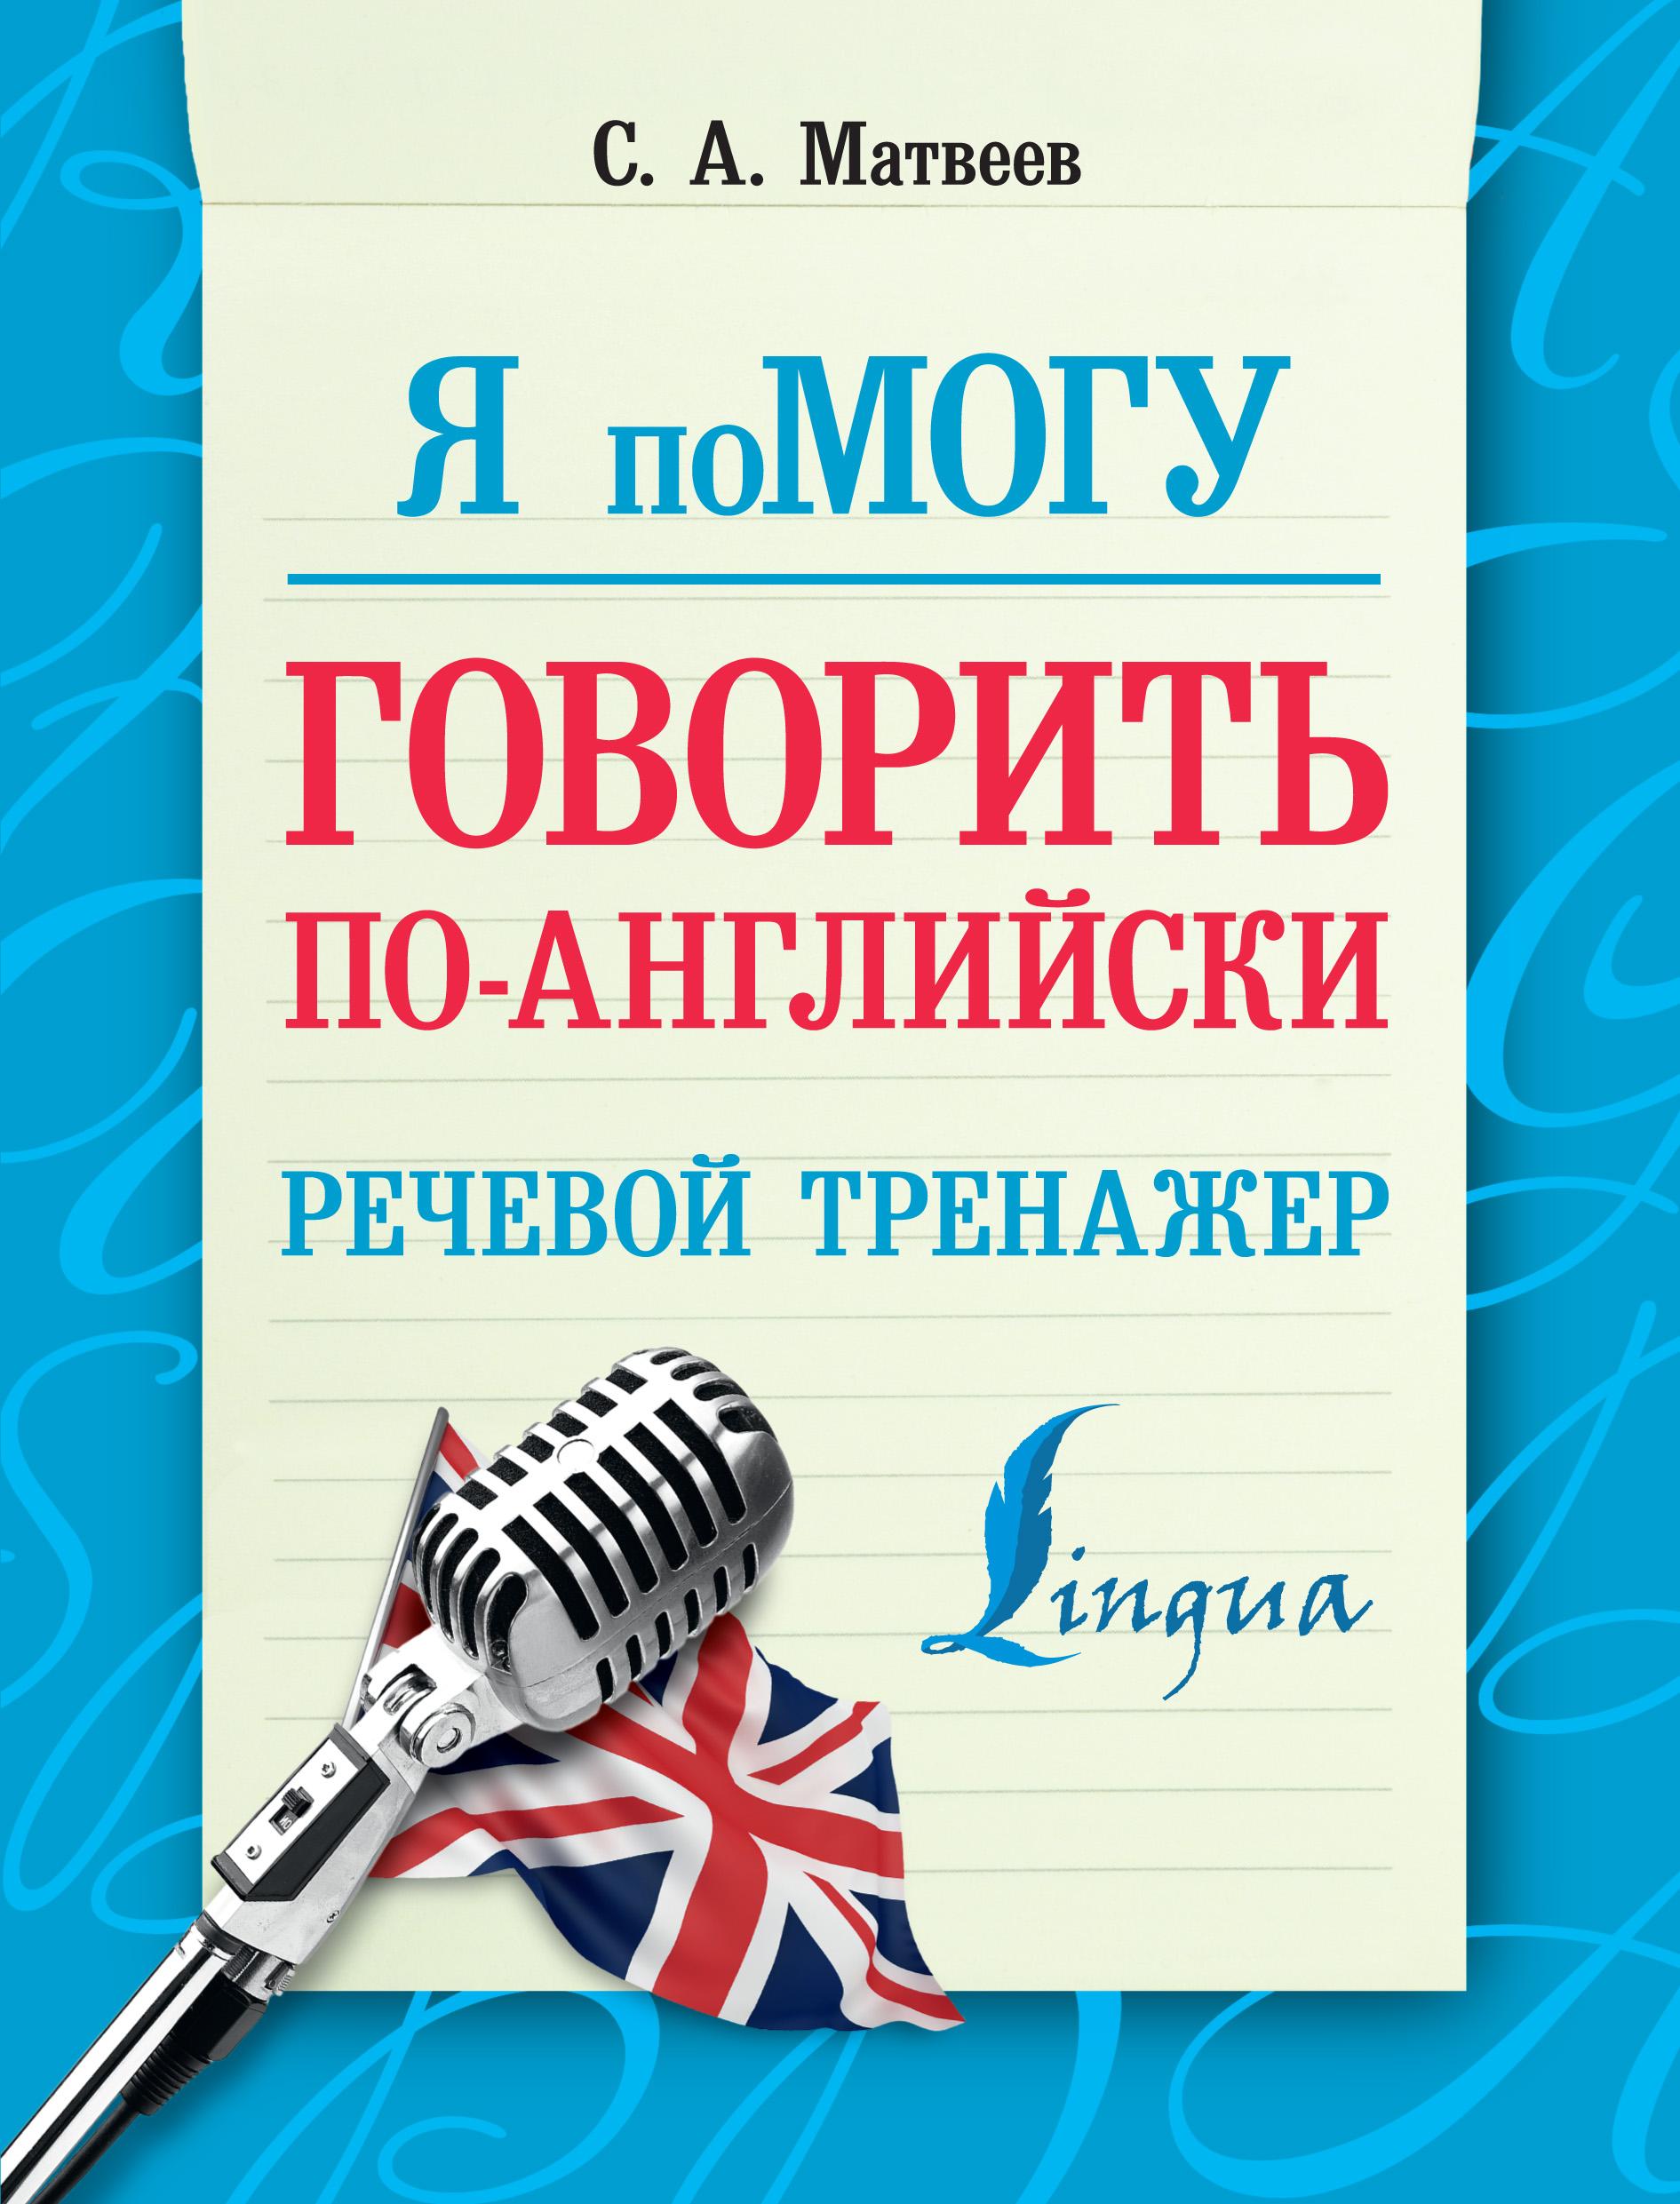 С. А. Матвеев Я помогу говорить по-английски. Речевой тренажер матвеев сергей александрович говорить по английски речевой тренажер